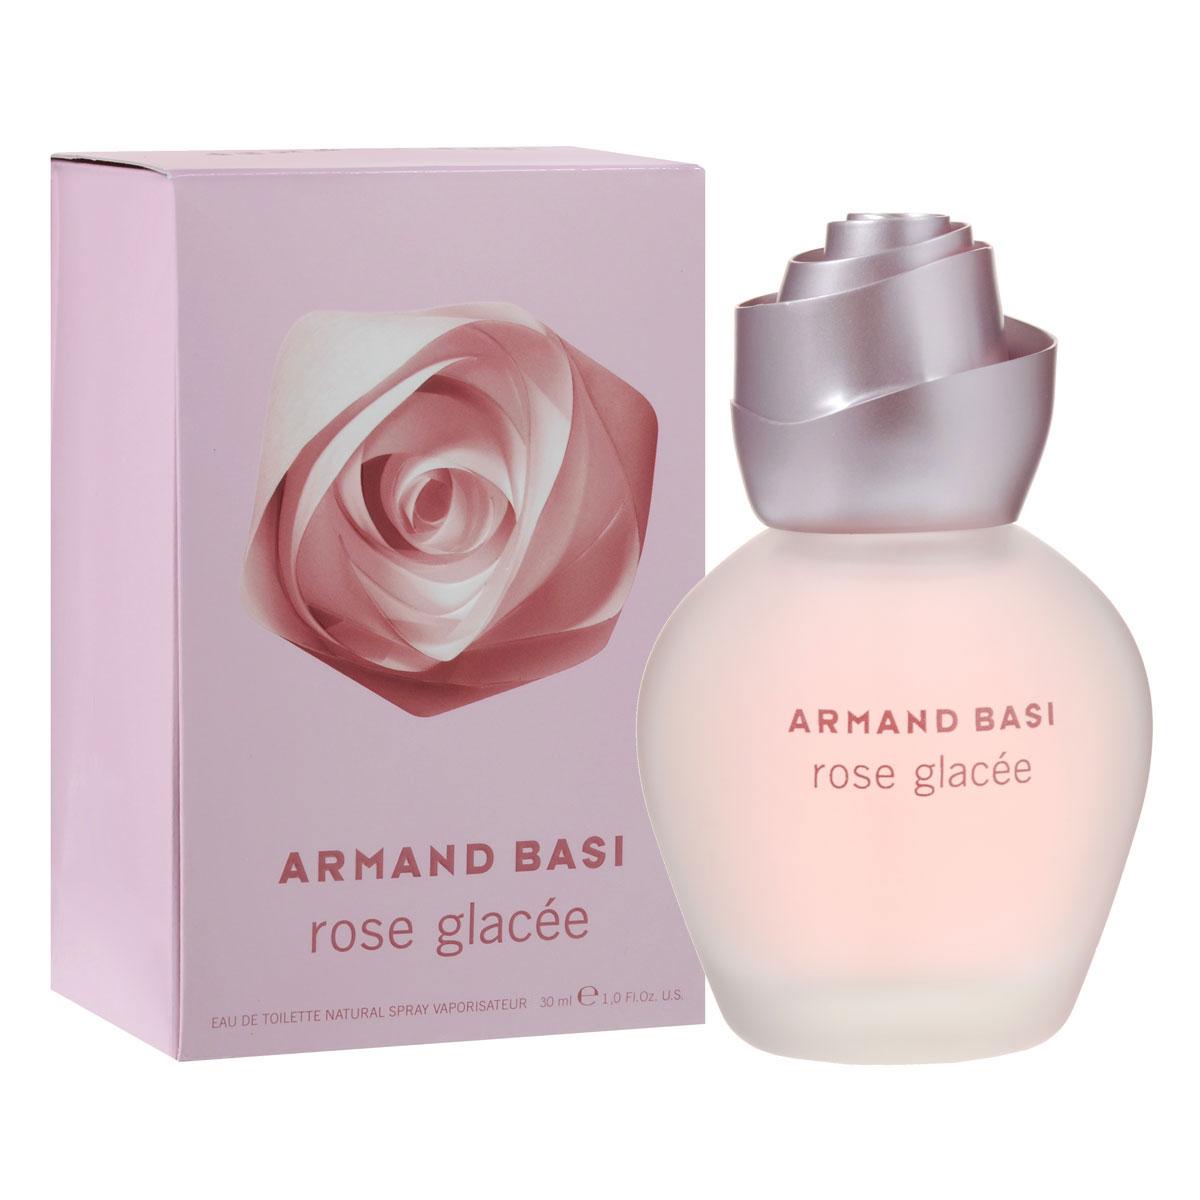 """Armand Basi Туалетная вода Rose Glacee, женская, 30 мл47099Органичная и геометричная, роза является сердцем и вдохновением нового аромата от Armand Basi, который открывает перед нами мир сущности цветка. Его концепция усовершенствована и обновлена выведением на игровое поле главного игрока - геометрии. Роза - это символ совершенства. Универсальный цветок, признанный во всем мире воплощением тайны женщины. Это самый безупречный цветок. Ее красота радует глаз; ее аромат роскошный, превосходный, пьянящий, нежно-бархатный и хрупкий. И в то же время он обманывает, бунтует и отклоняется от всех мыслимых стандартов: шипы ранят руку каждого, кто осмелится срезать розу. Glacee - французское слово, которое обозначает """"замороженный"""". Роза, закованная в ледяные цепи. Хранимая холодом, продлевающим жизнь ее красоты, она стоит непокорно и гордо. Обольстительная и прекрасная. Rose Glacee, имя нового аромата, воплощающего напряжение во внешнем проявлении. Теплая и холодная, спокойная и агрессивная, дружелюбная, но предающая, прекрасная, но..."""